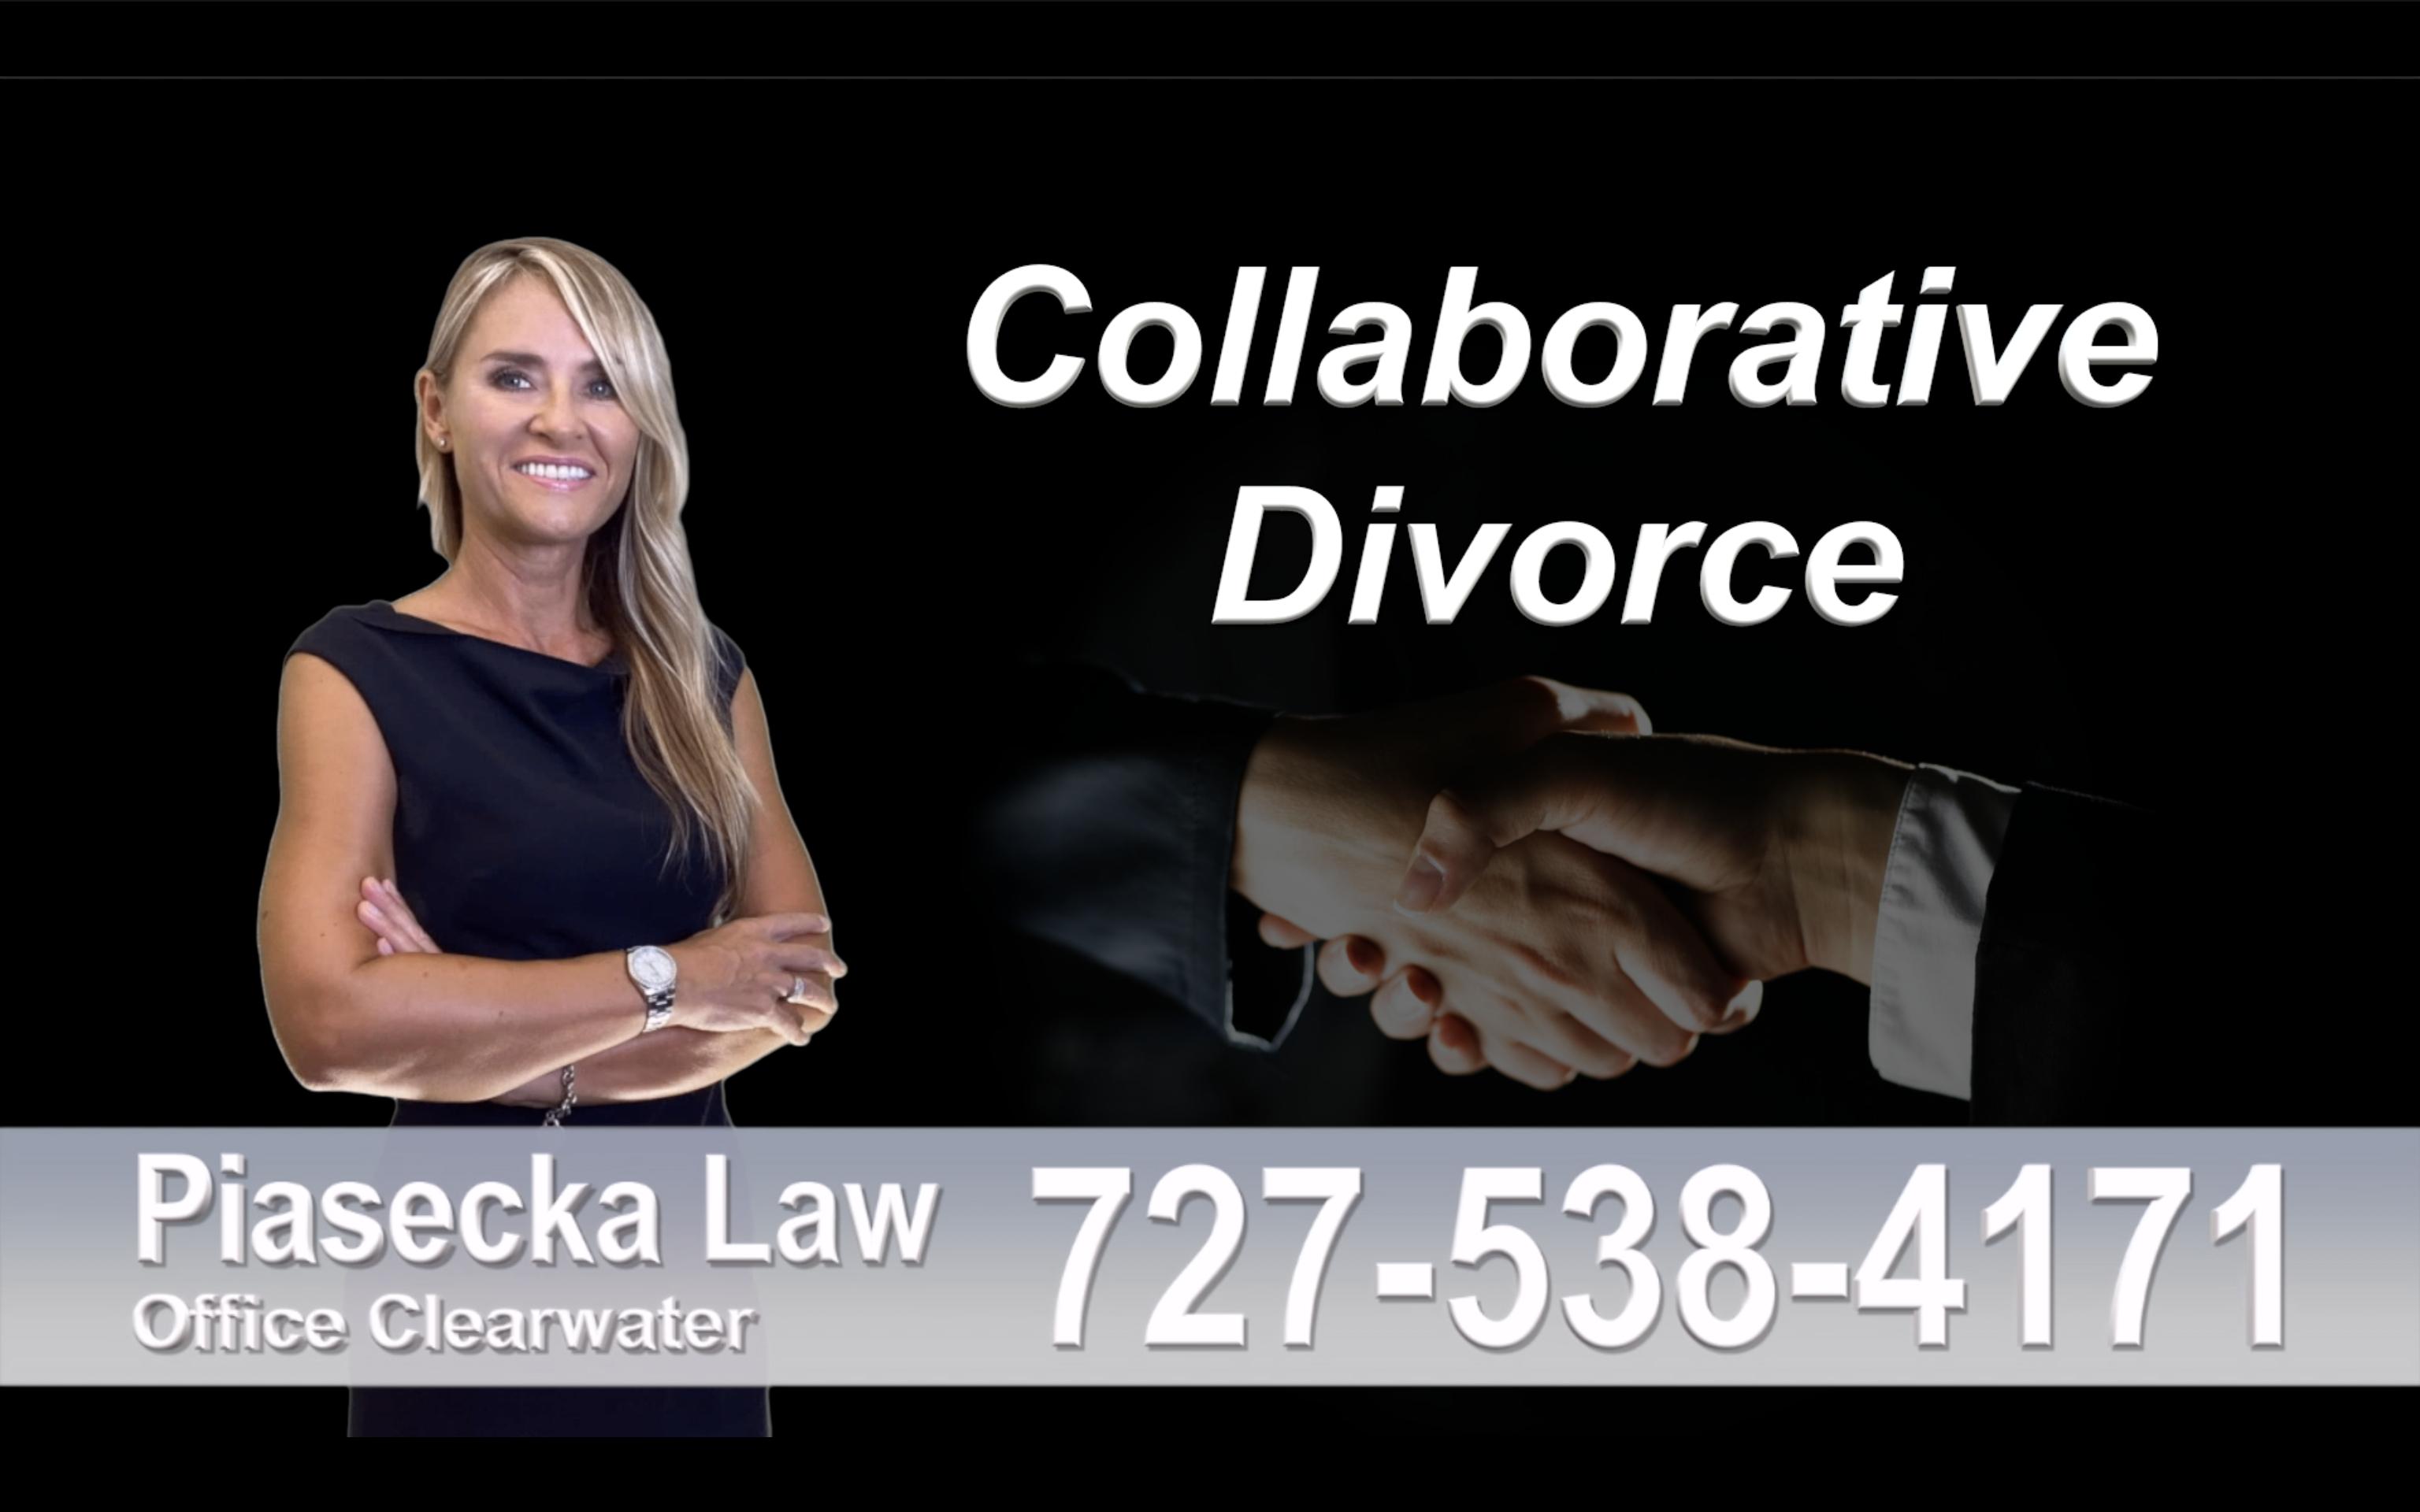 Citrus Park Collaborative, Divorce, Attorney, Agnieszka, Piasecka, Prawnik, Rozwodowy, Rozwód, Adwokat, rozwodowy, Najlepszy, Best, Collaborative, Divorce, Lawyer